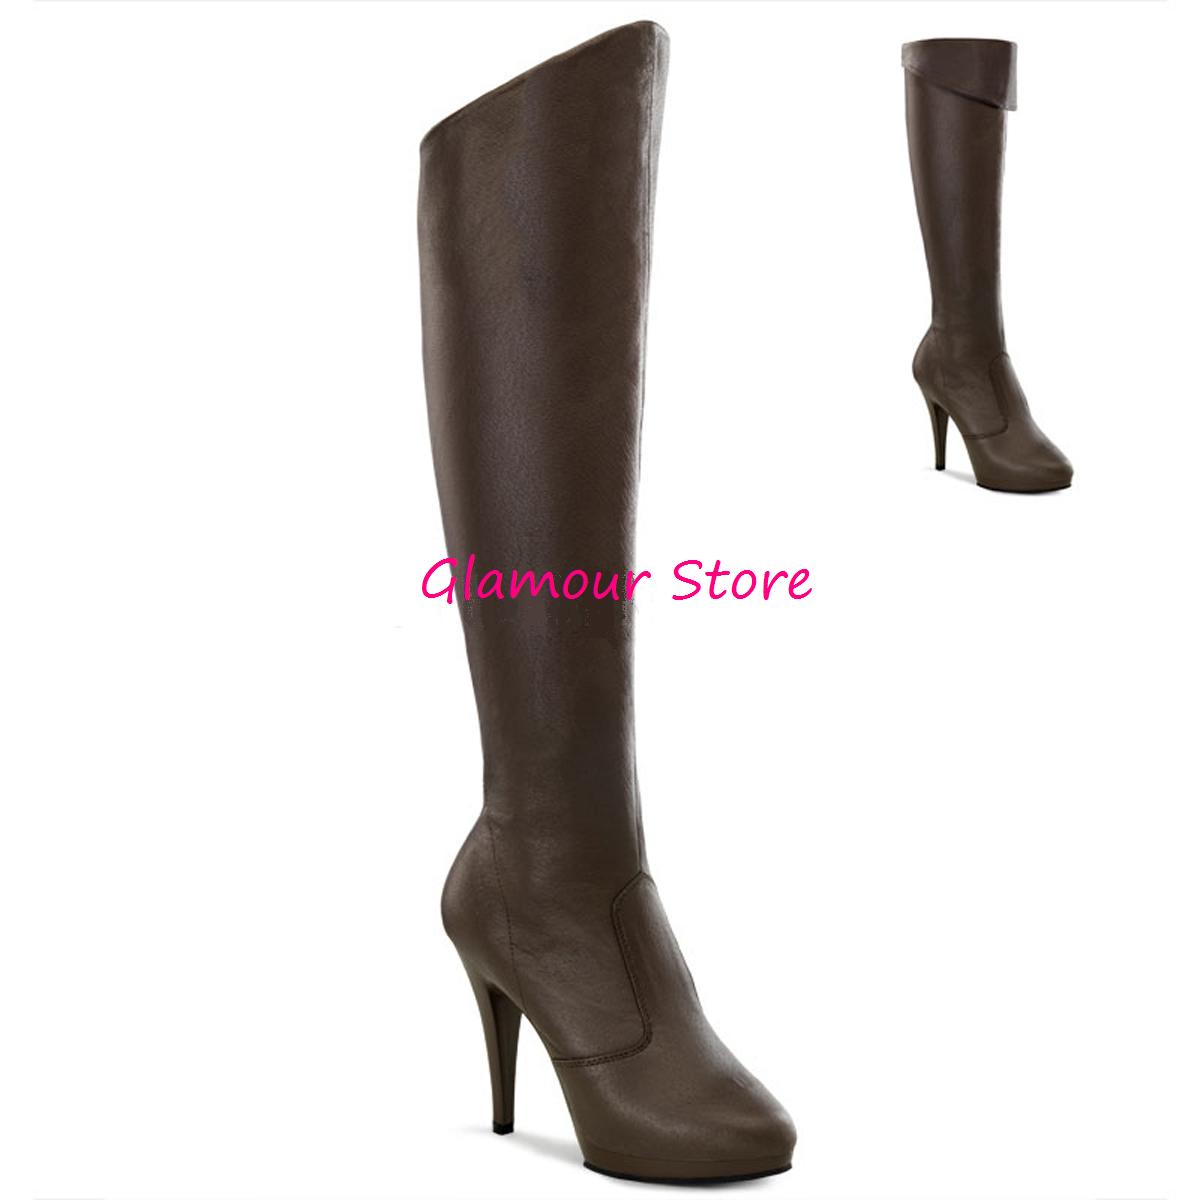 Sexy botas PELLE tacco tacco tacco 11,5 dal 36 al 41 marrón pleteau zip zapatos GLAMOUR  últimos estilos